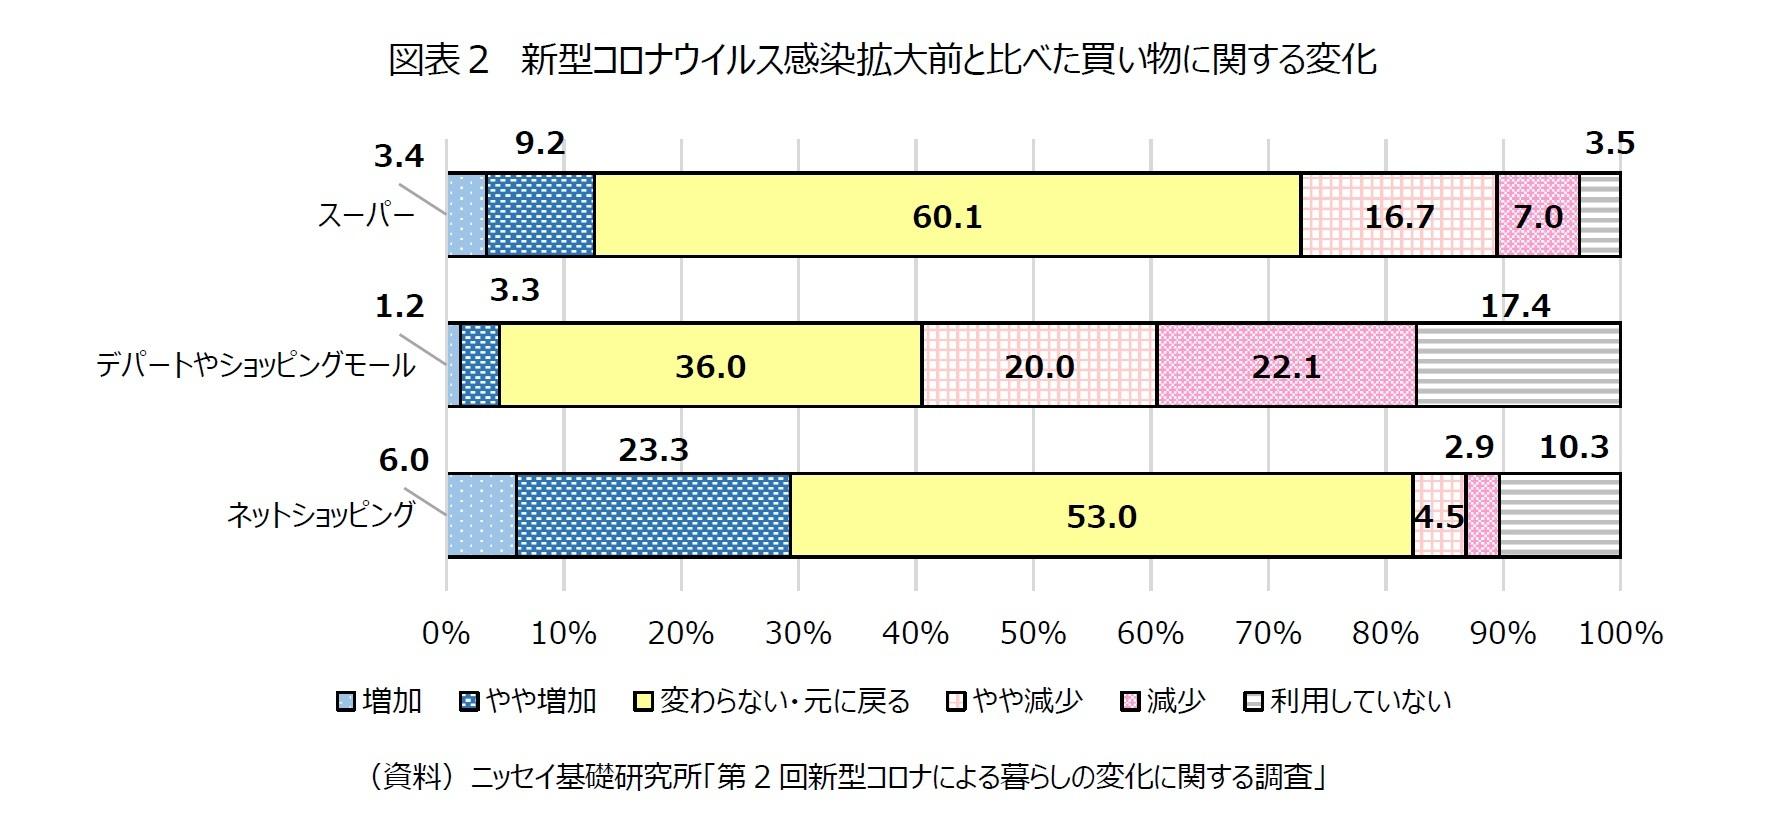 図表2 新型コロナウイルス感染拡大前と比べた買い物に関する変化